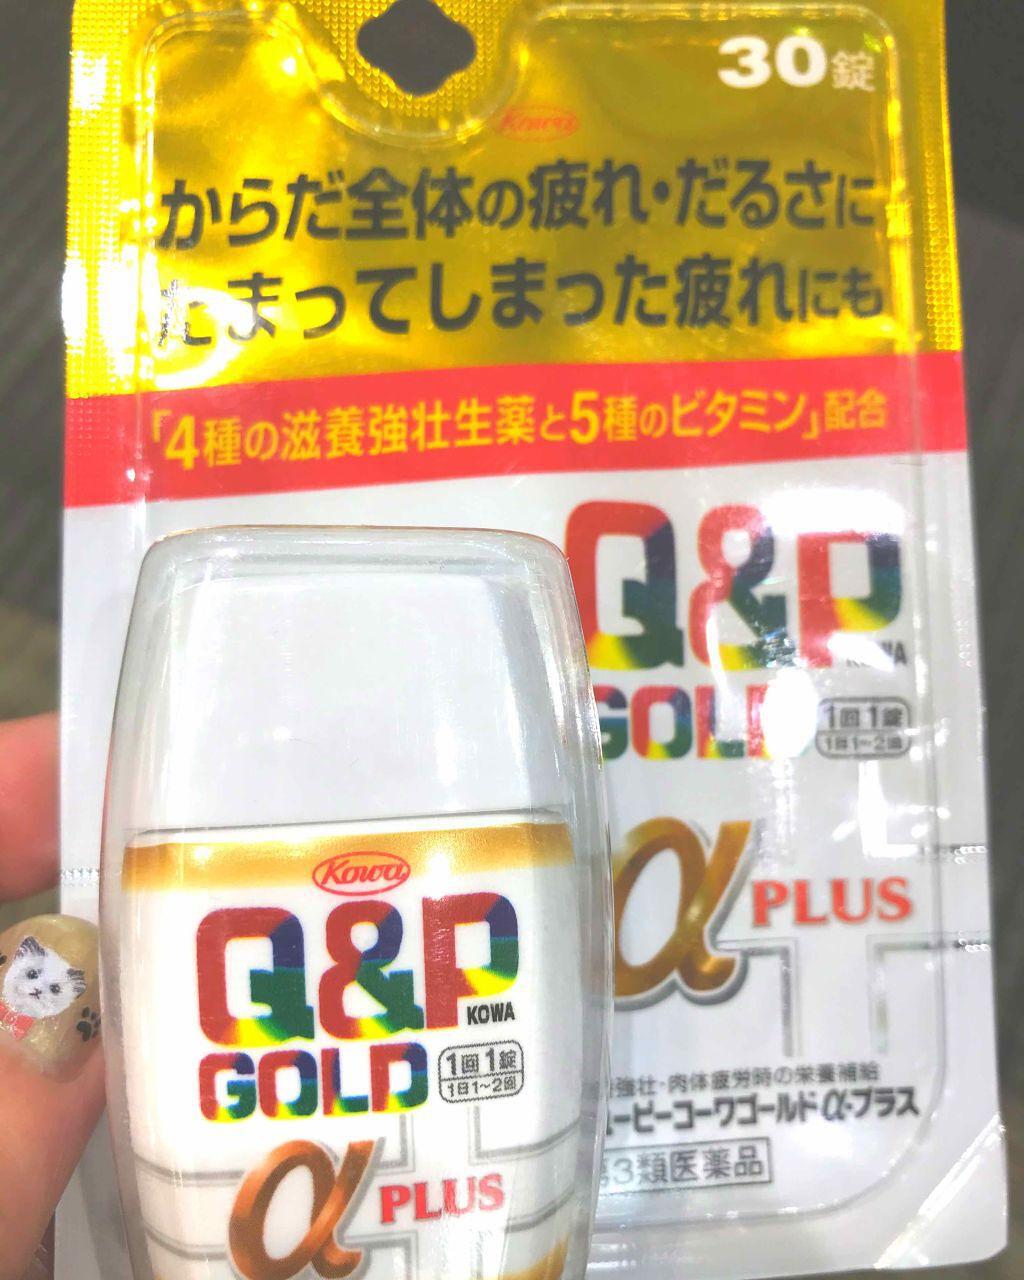 ゴールド キューピー a コーワ 製品ラインアップ|キューピーコーワ【公式サイト】|頑張るあなたに、キューピーコーワ|興和株式会社